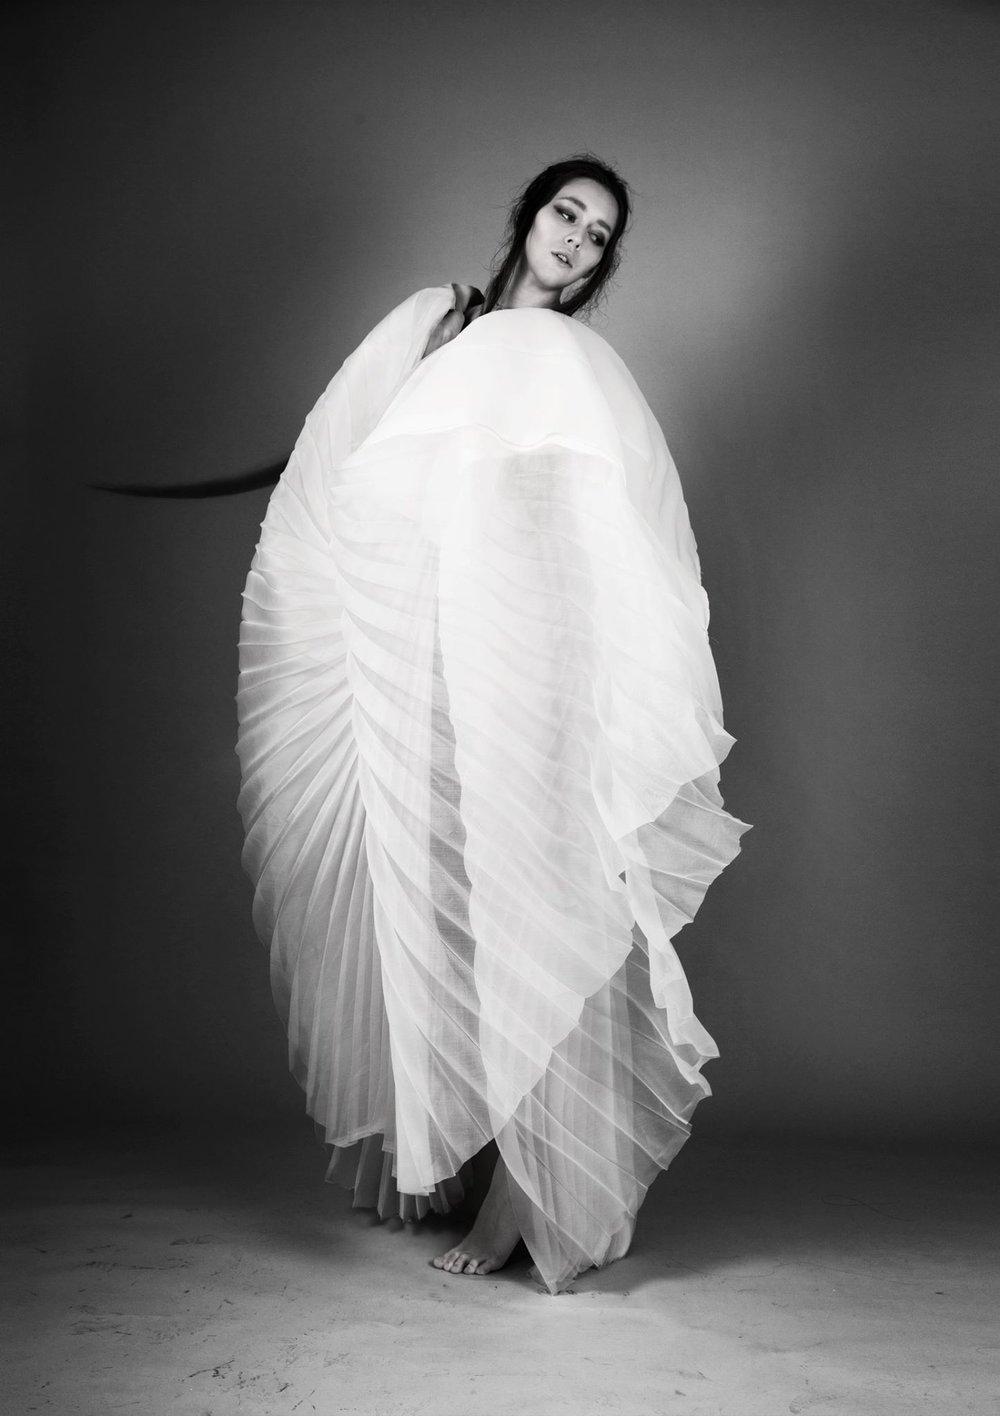 wu-xian-fashion-photography-photography-of-china-9.jpg